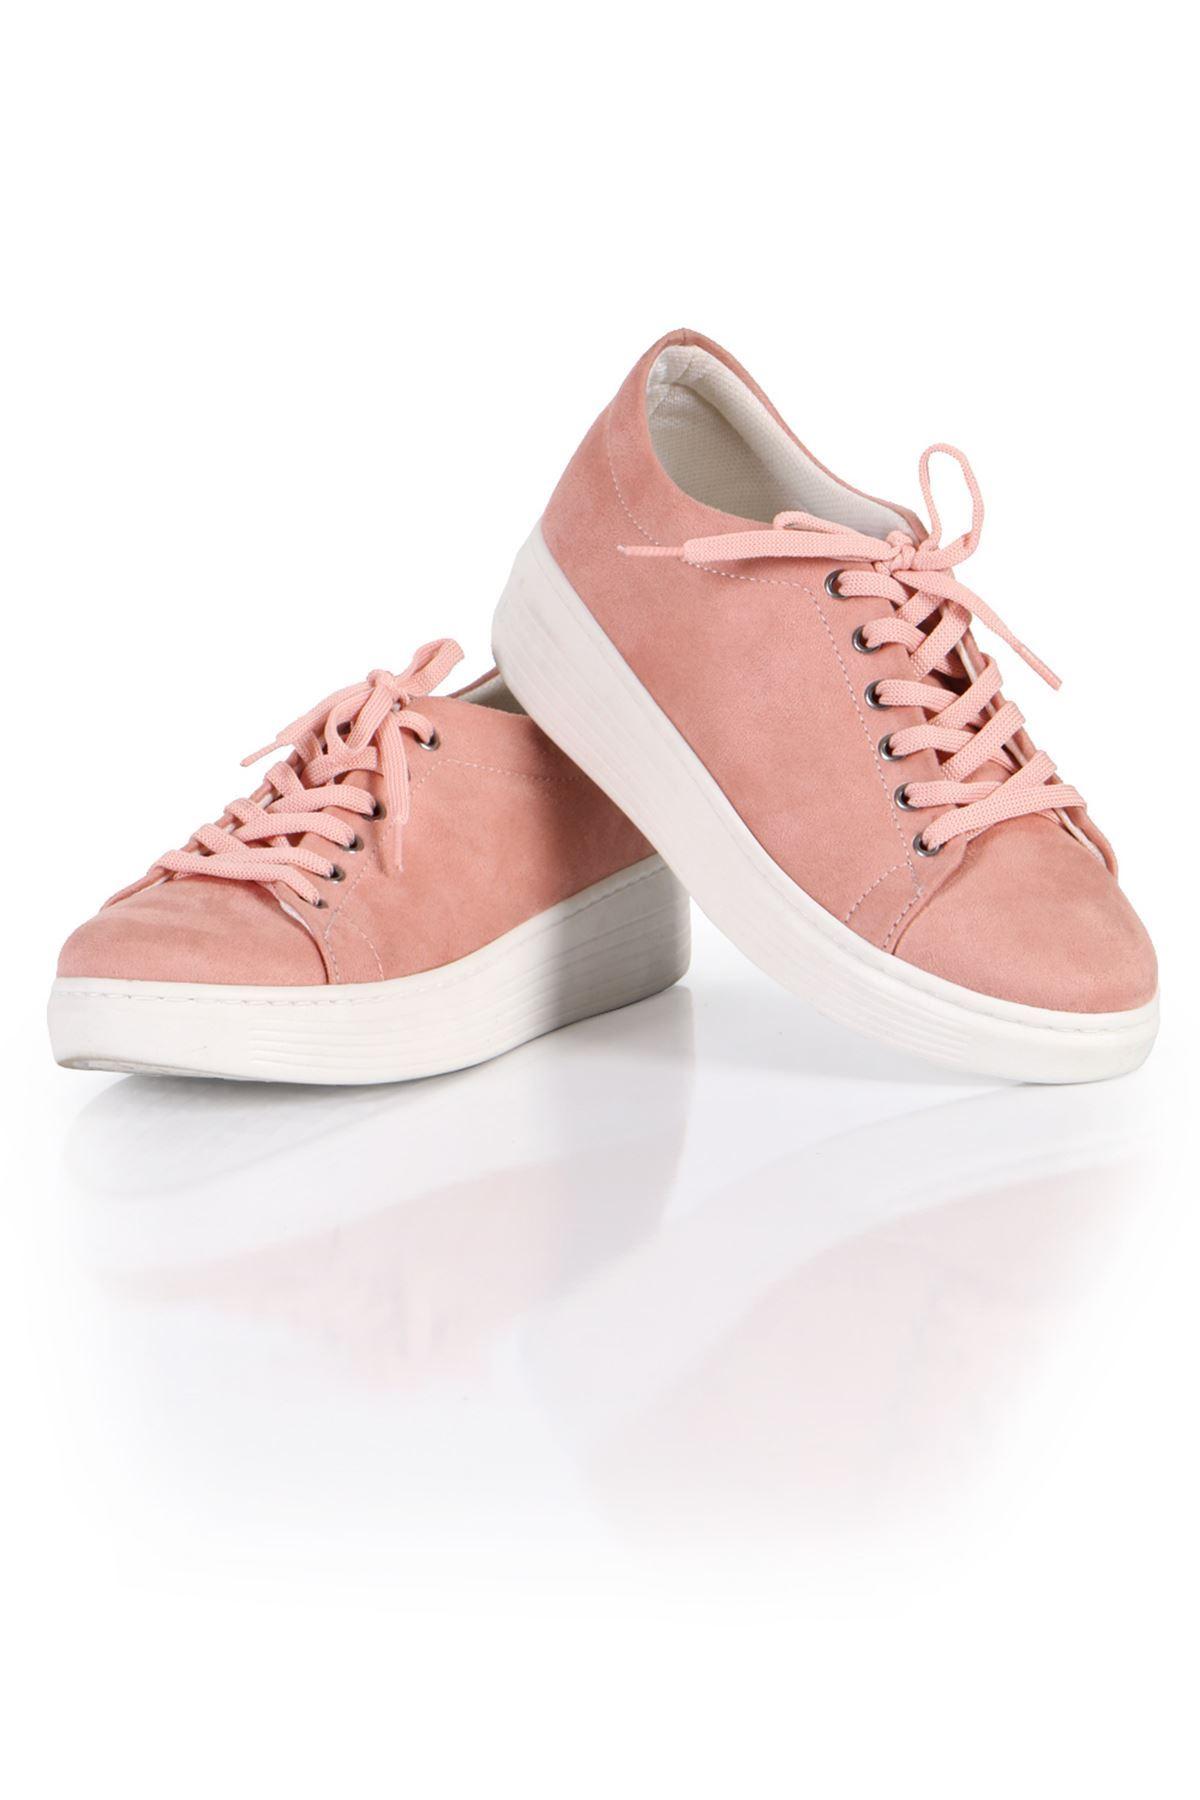 Pudra Süet Bağcıklı Spor Sneaker Ayakkabı